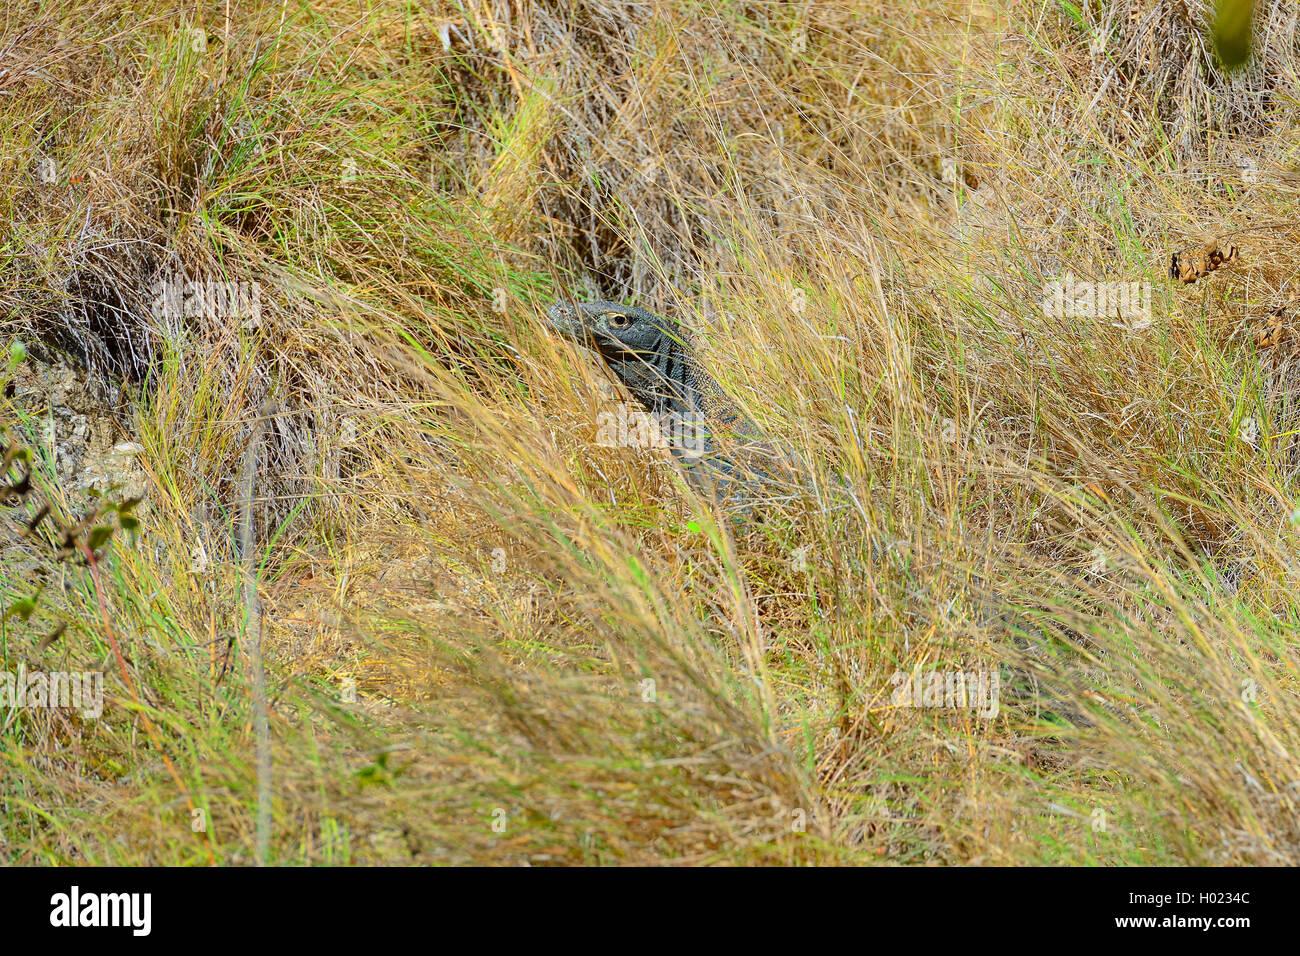 Komodo-Waran, Komodo Waran, Komodowaran (Varanus komodoensis), im Grasland getarnt, Seitenansicht, Indonesien, Rinca, - Stock Image